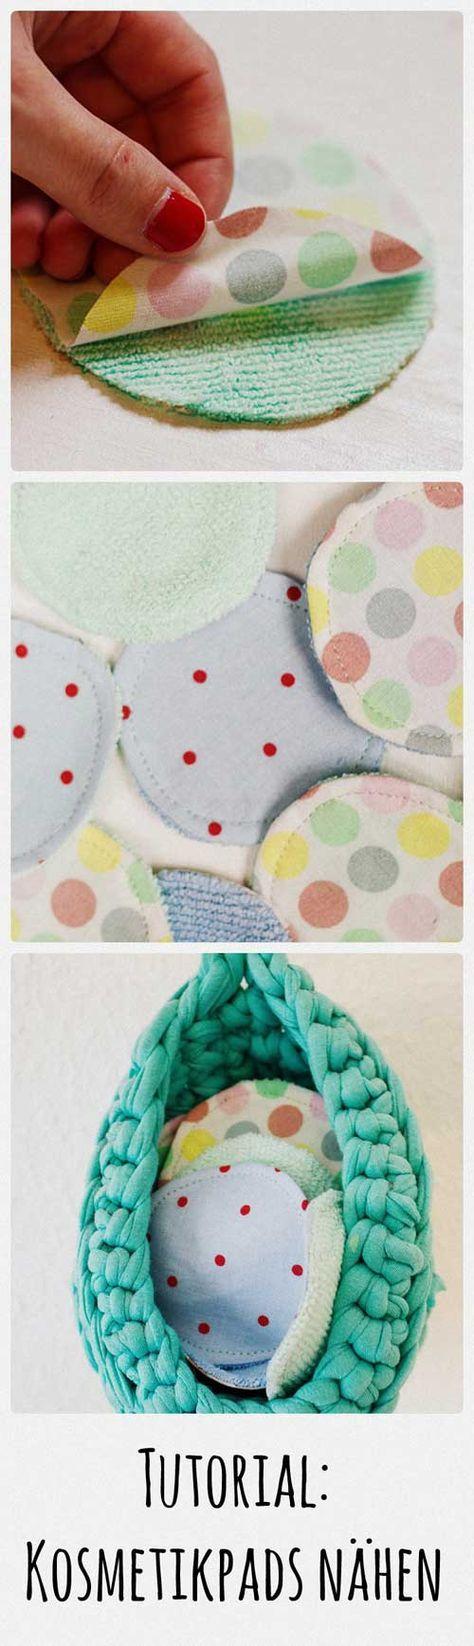 Nachhaltiges Nähen: waschbare Abschminkpads – Tutorial (Eda Lindgren)